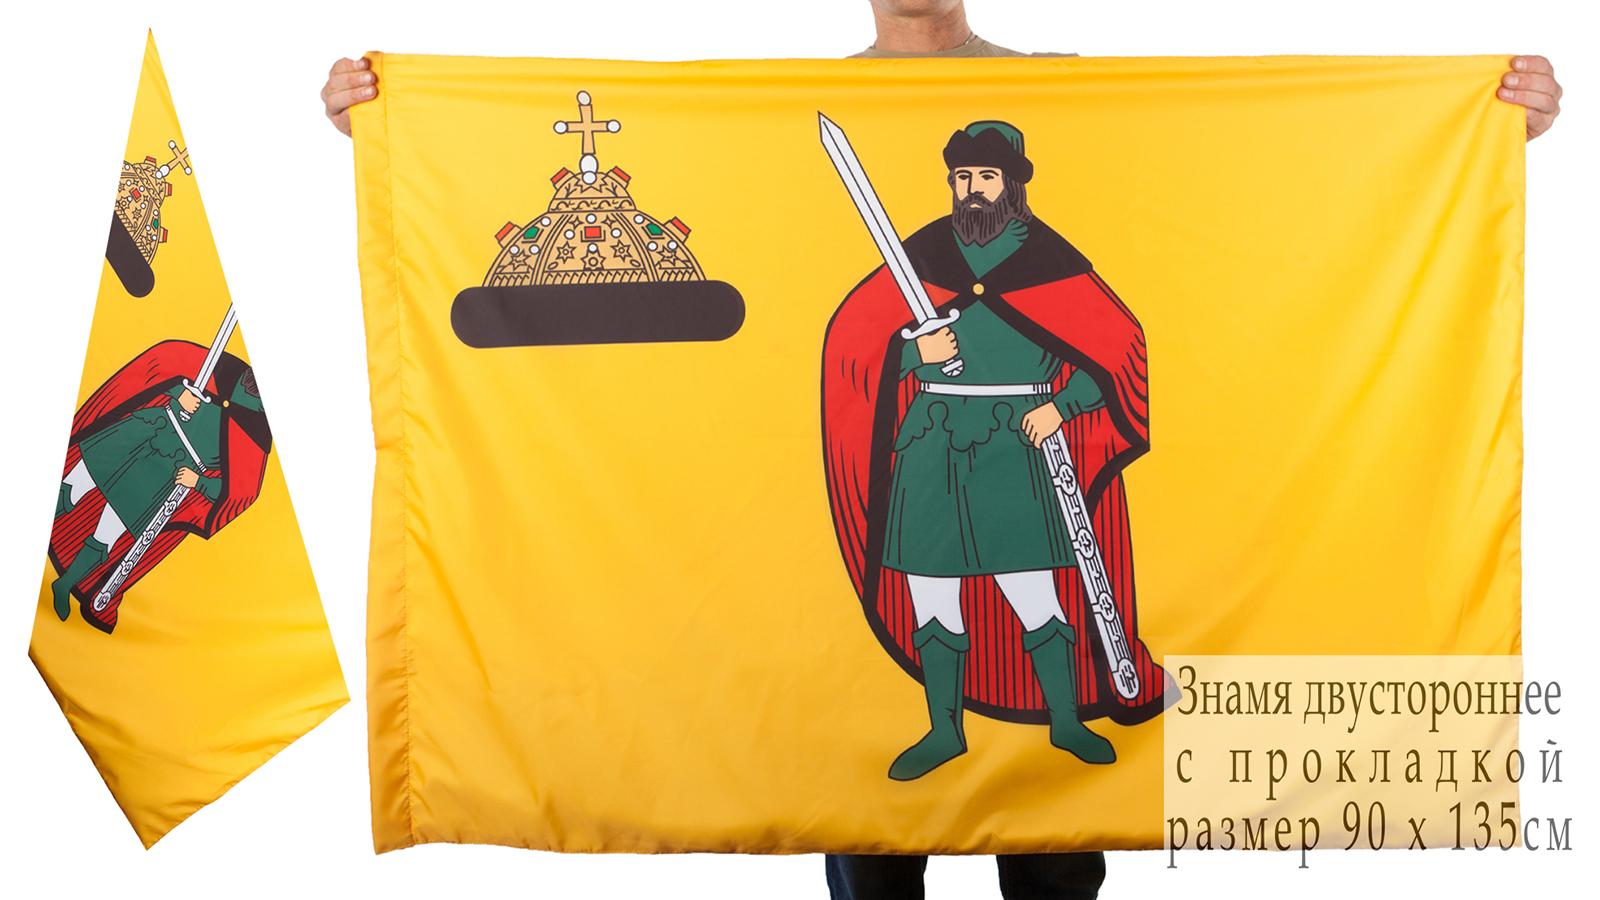 Двухсторонний флаг Рязани